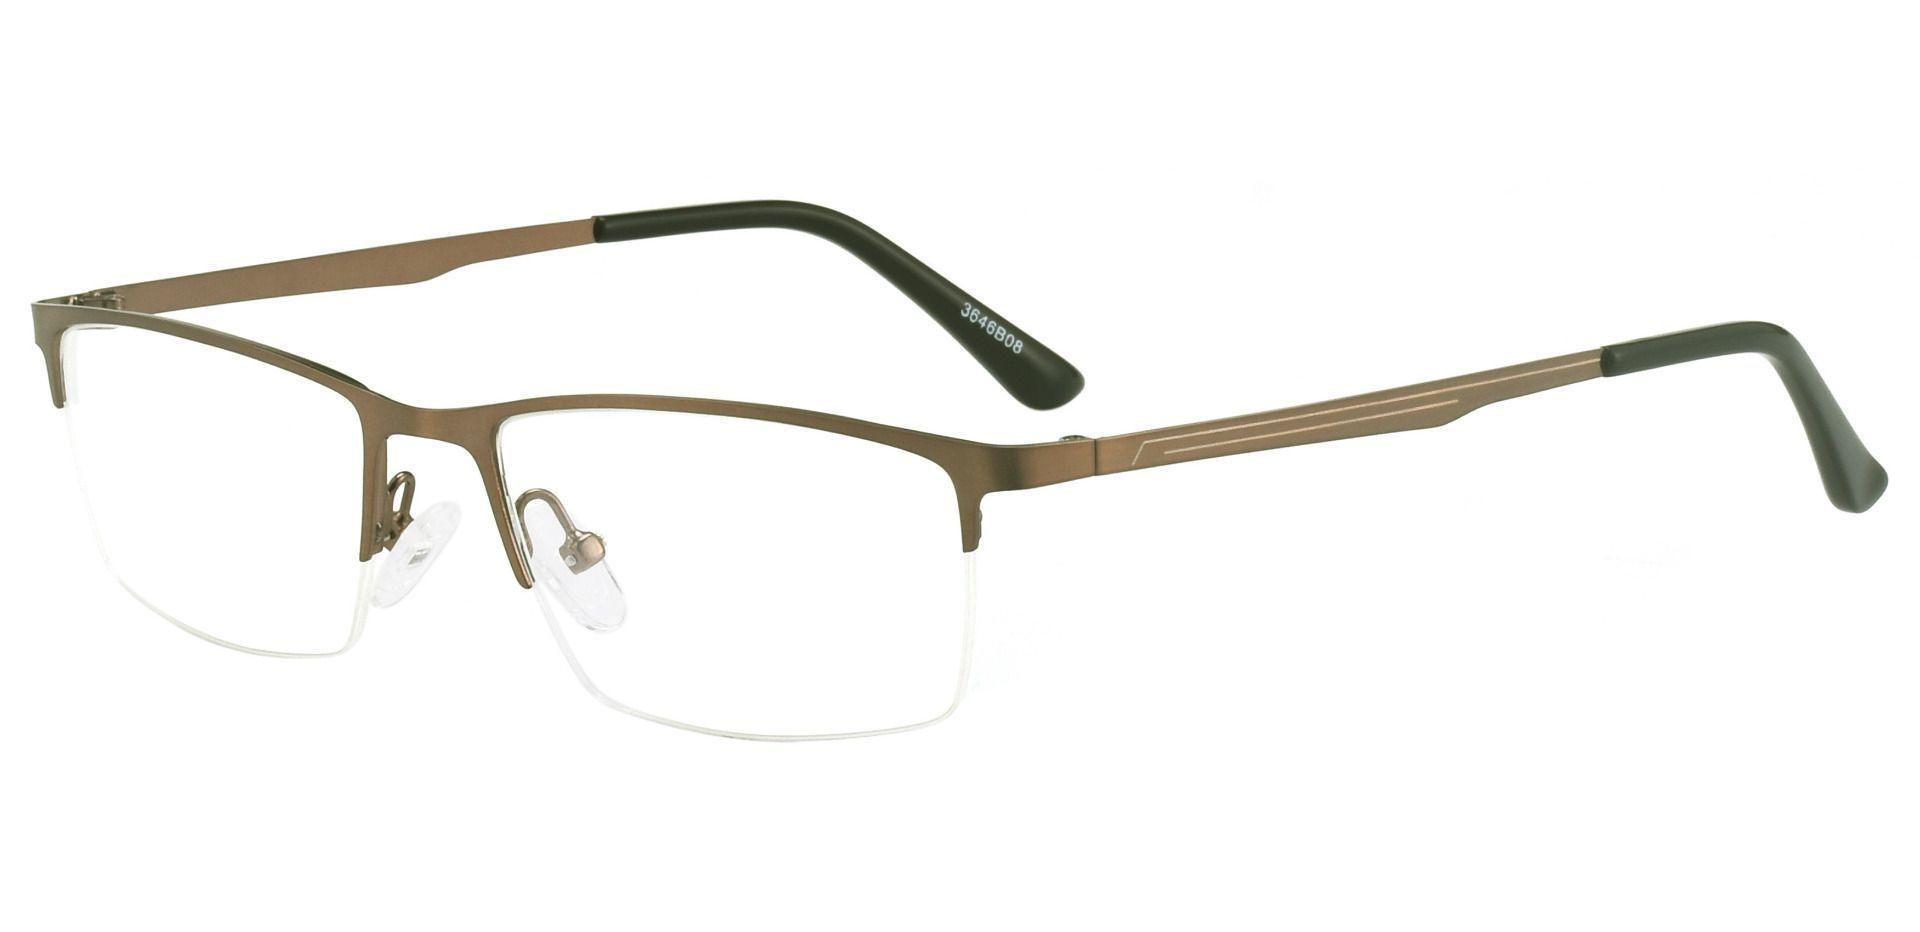 Lombard Rectangle Progressive Glasses - Brown